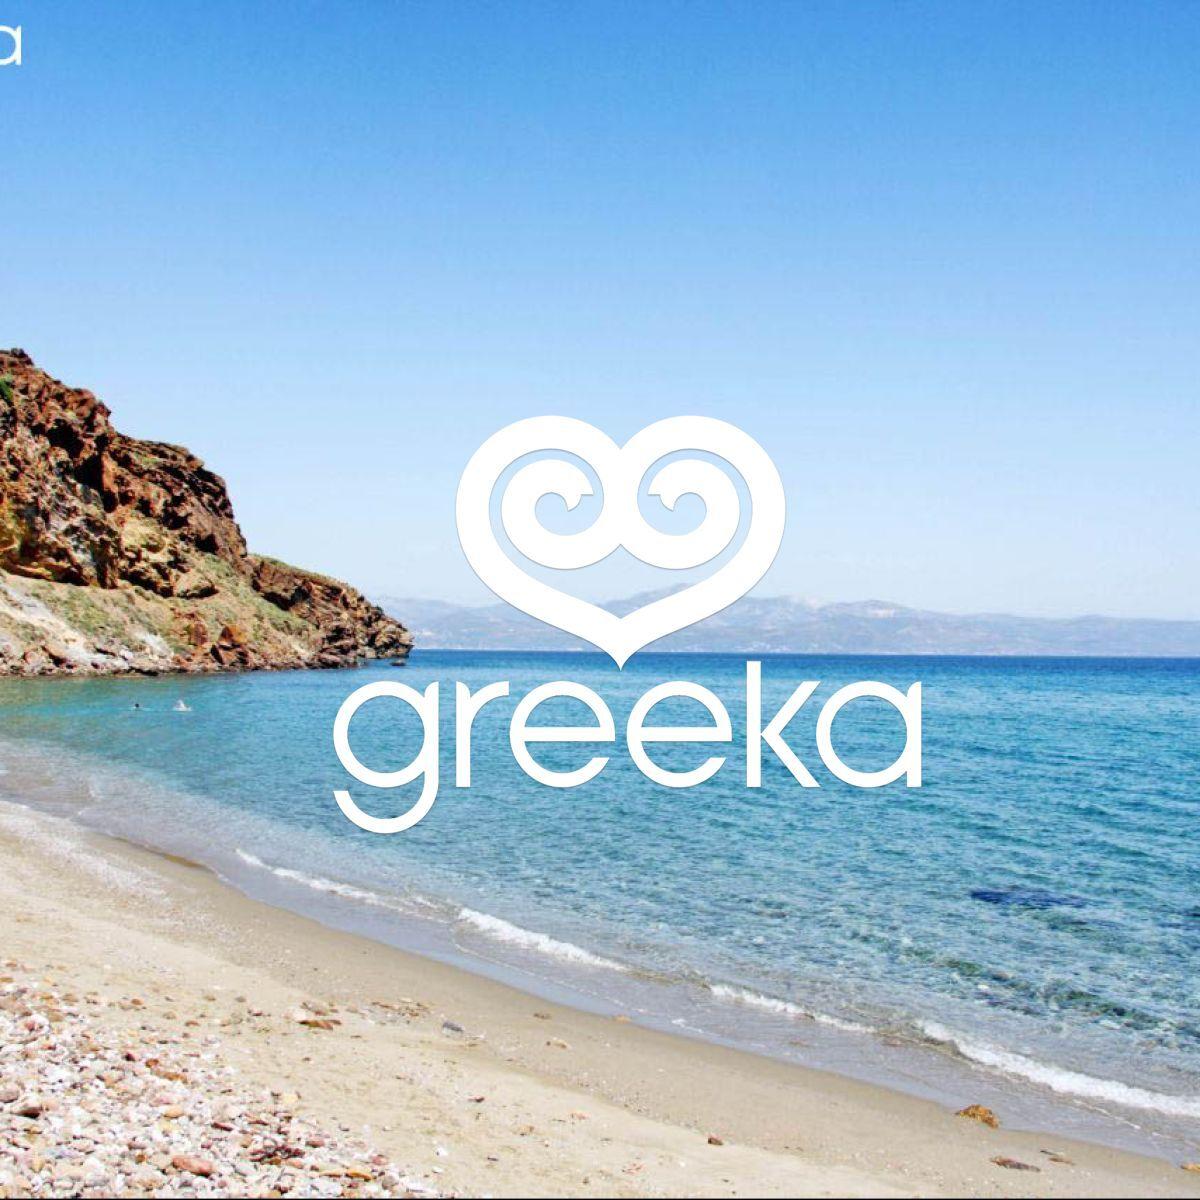 Paros Beaches: Paros Kalogeras Beach - Paros Beaches